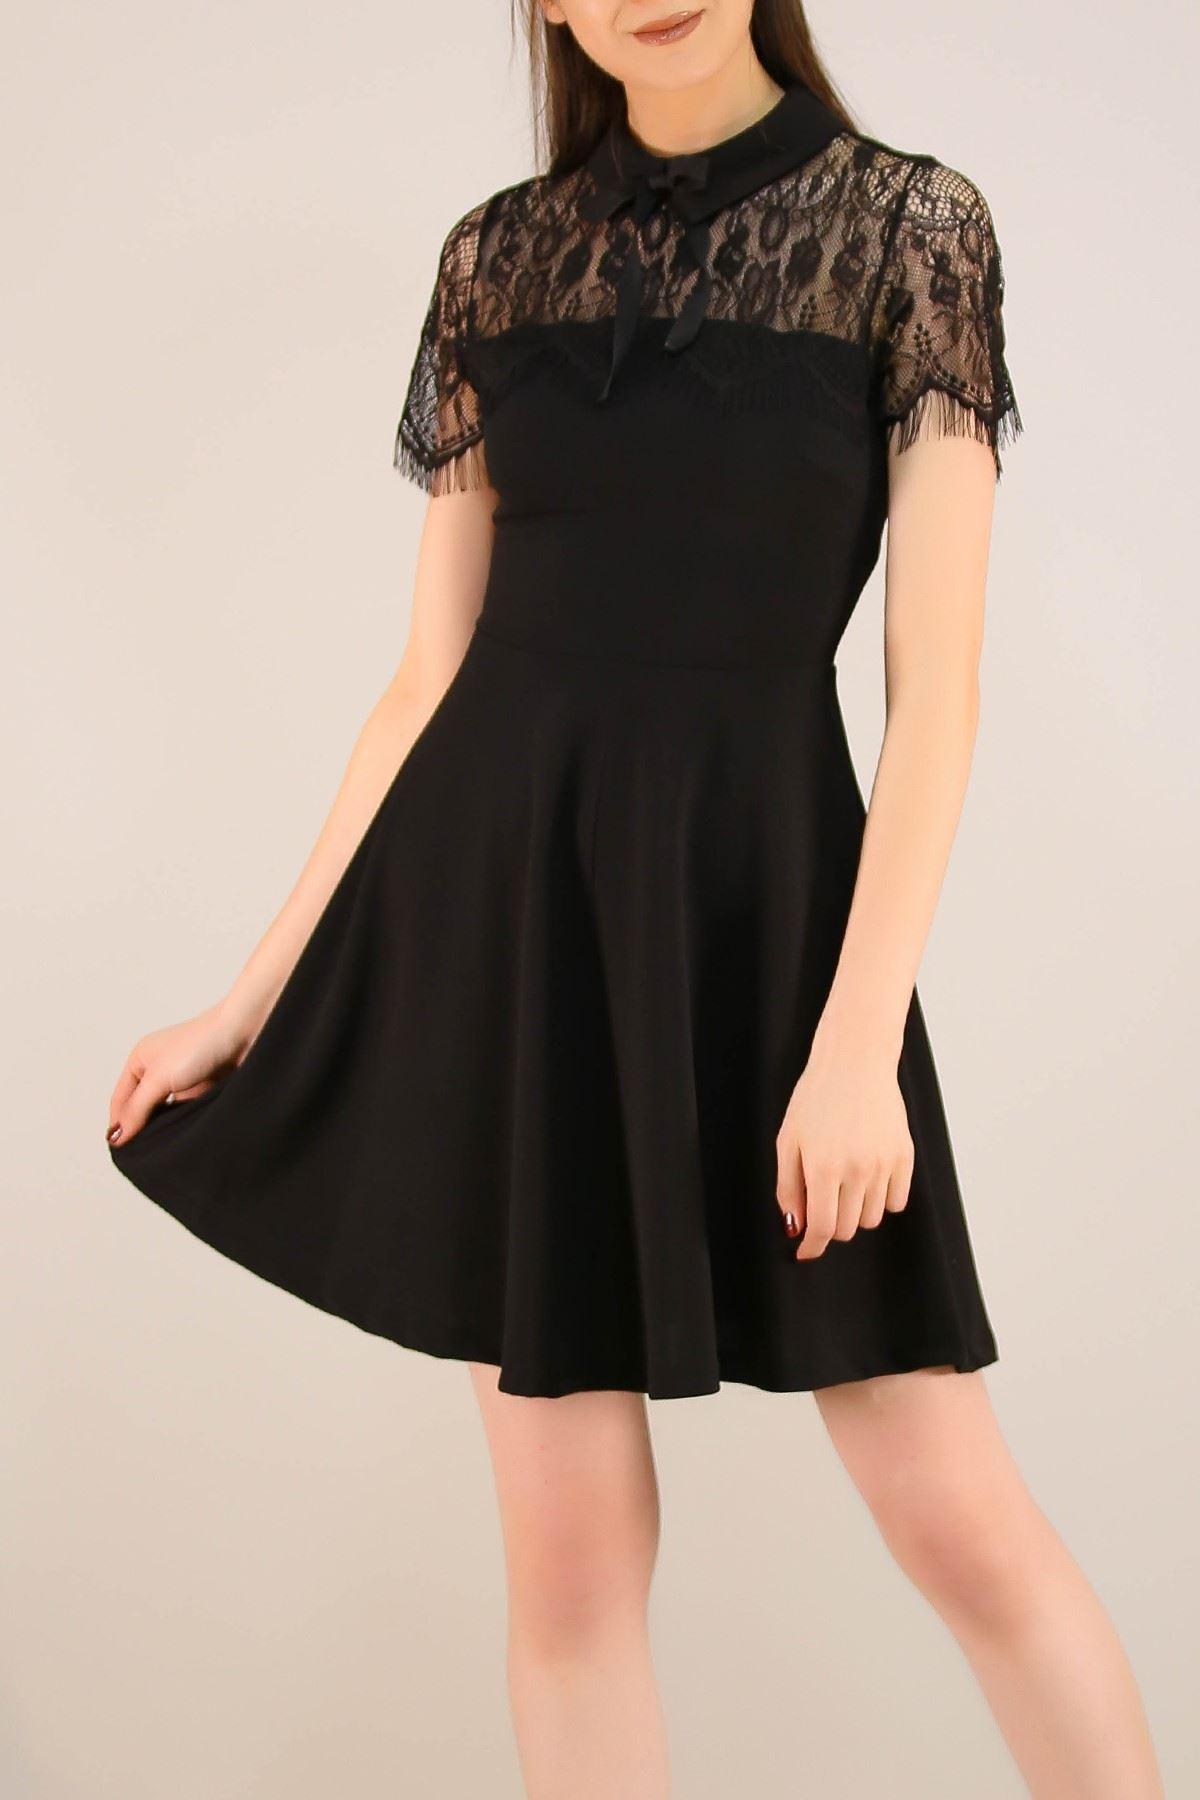 Tül Detaylı Elbise Siyah - 16162.101.